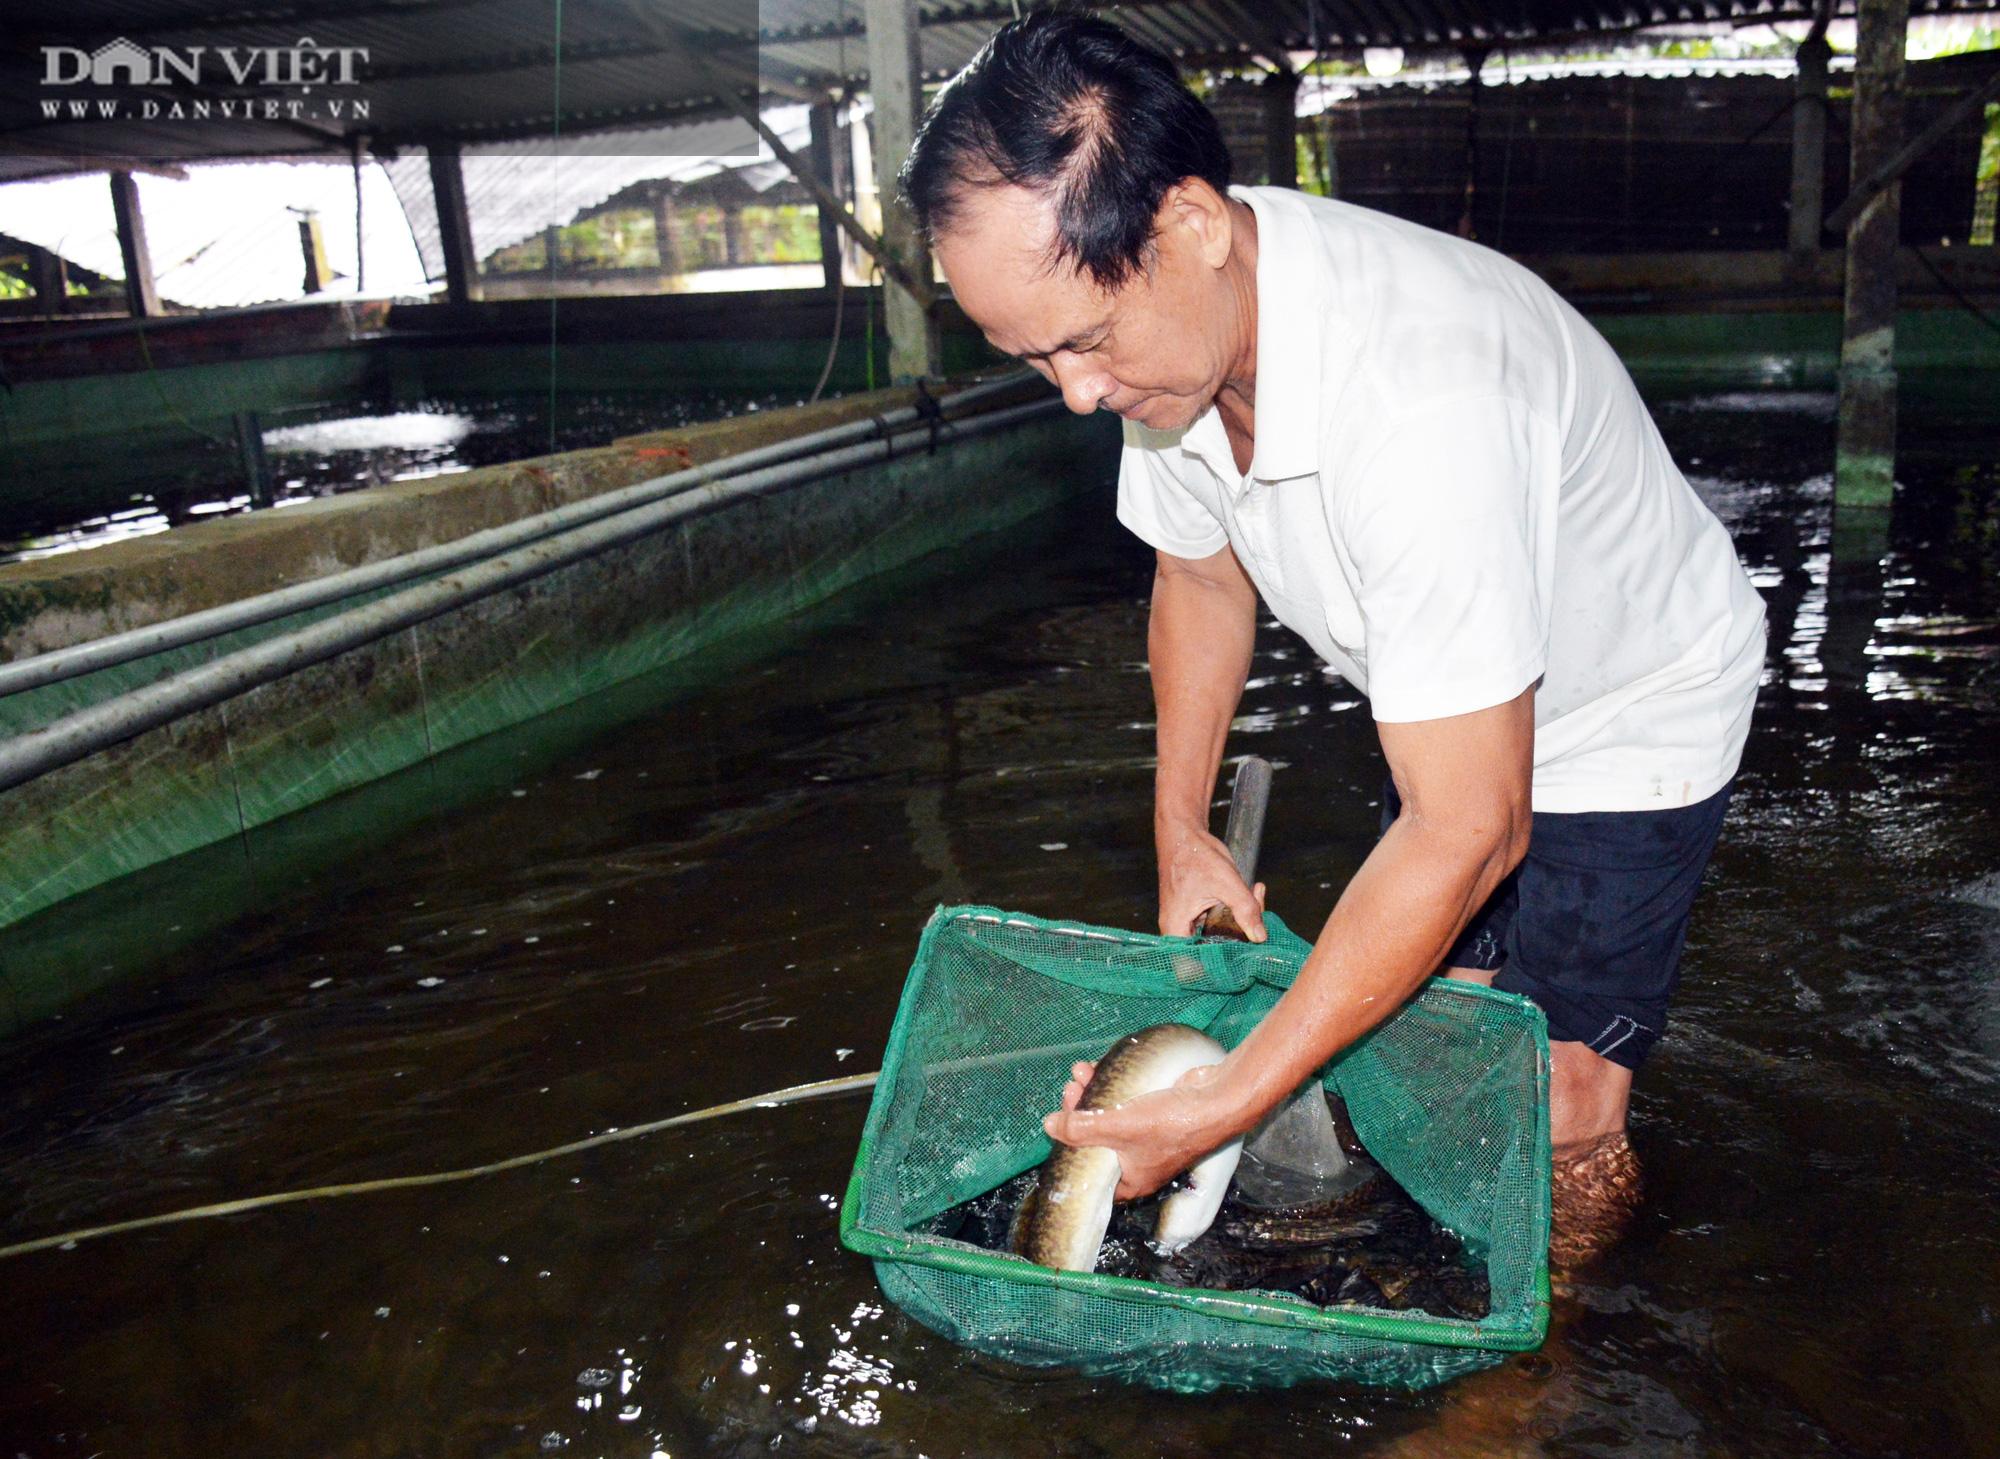 """Nguyên Bí thư huyện trót """"mê"""" con cá chình, nuôi cả đàn cá dày đặt trên bể xi măng - Ảnh 2."""